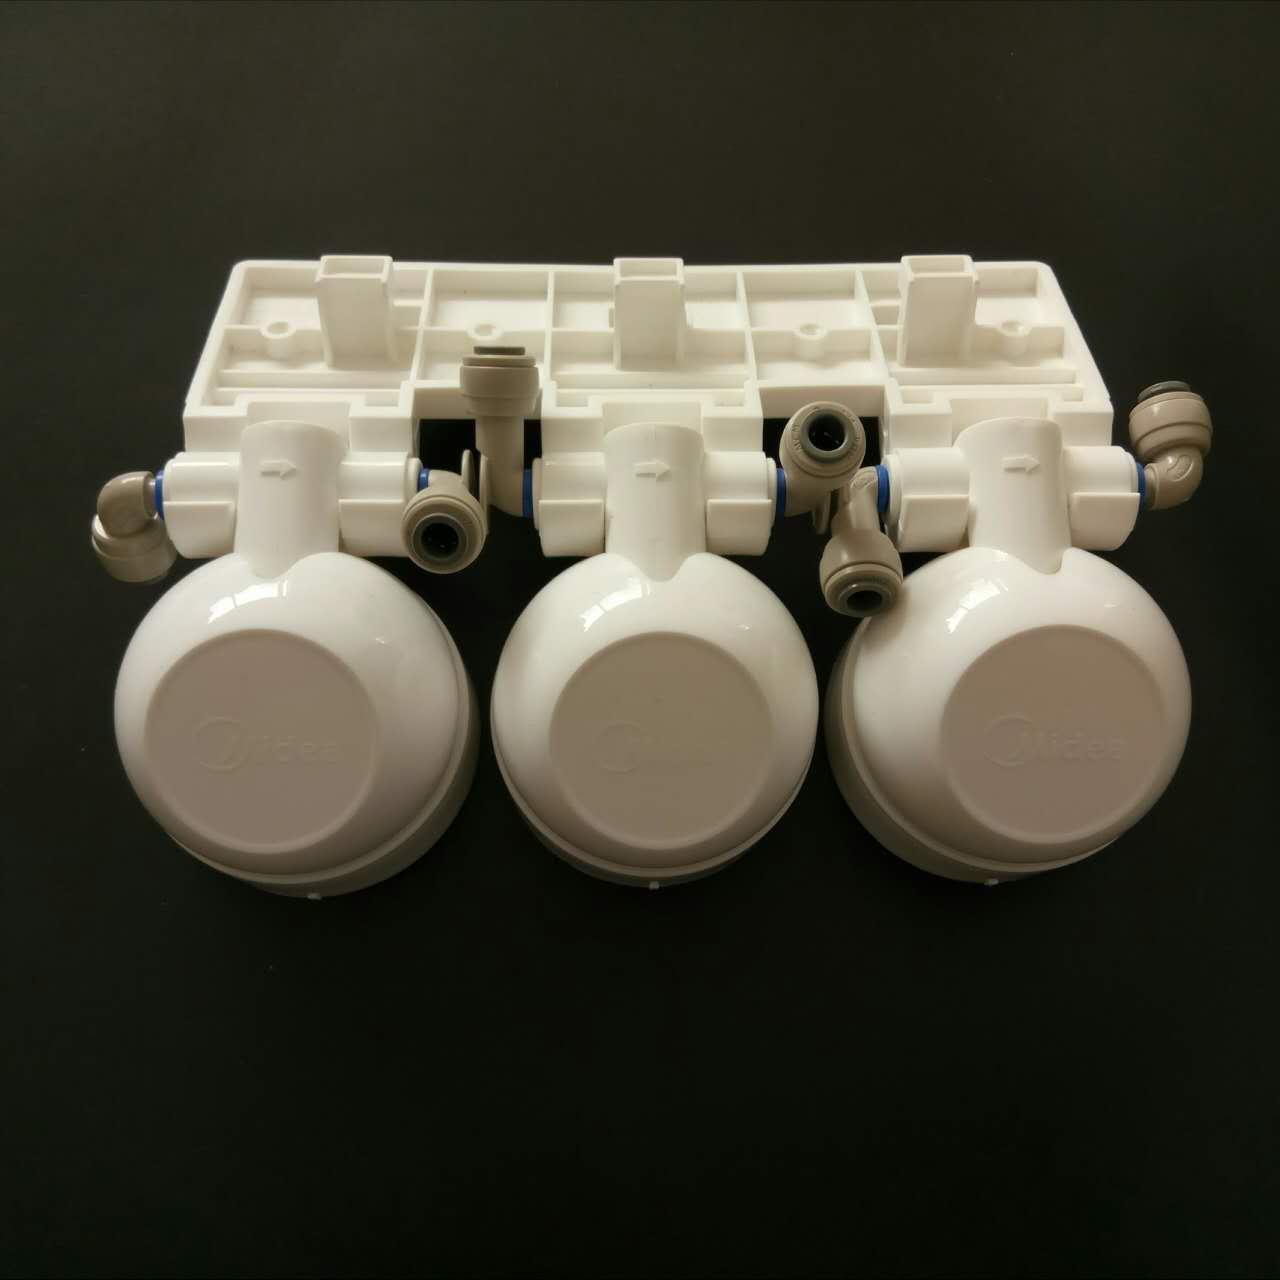 Schöne wasserfilter F1 - ventil bündchen hängen MRO201-4/MRO201A-4 formel - 1 - ventil für den gemeinsamen